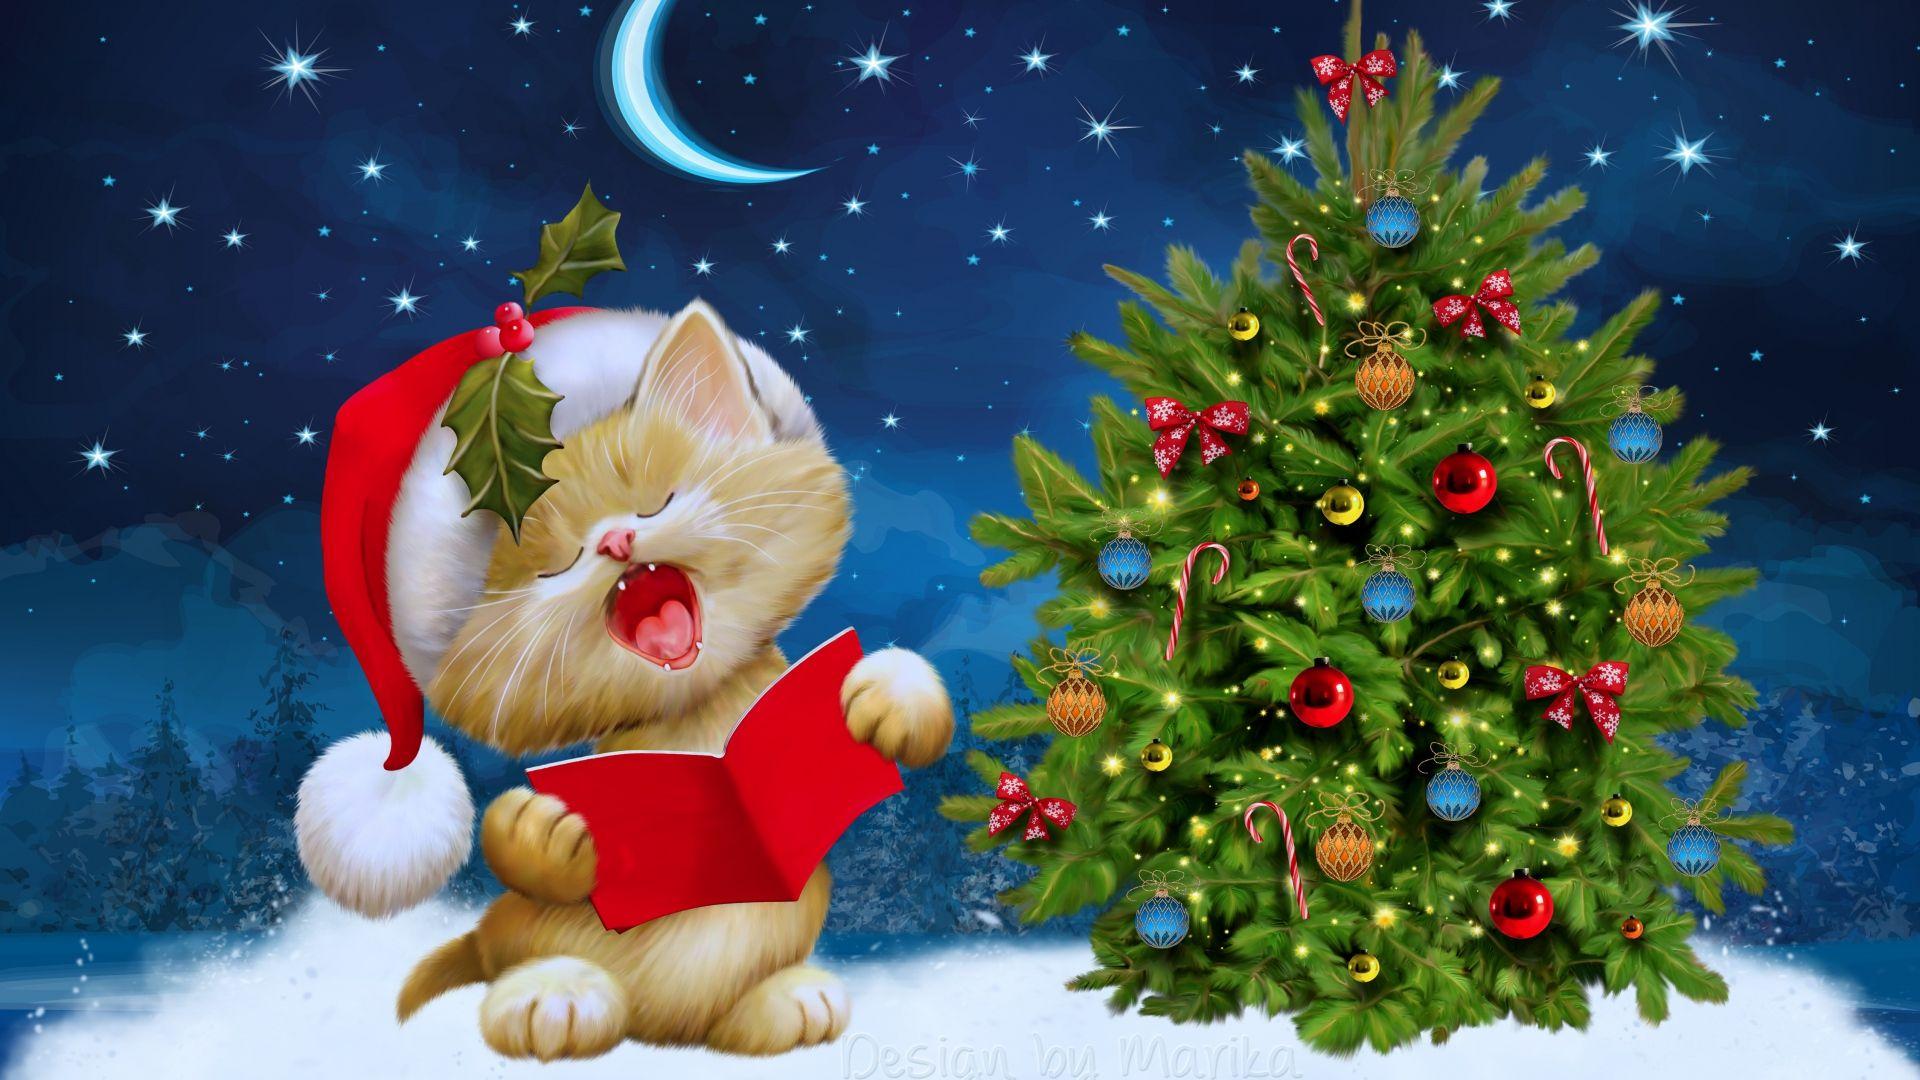 Hintergrundbilder Frohe Weihnachten.Hd Hintergrundbilder Weihnachten Fichte Katze Himmel Sterne